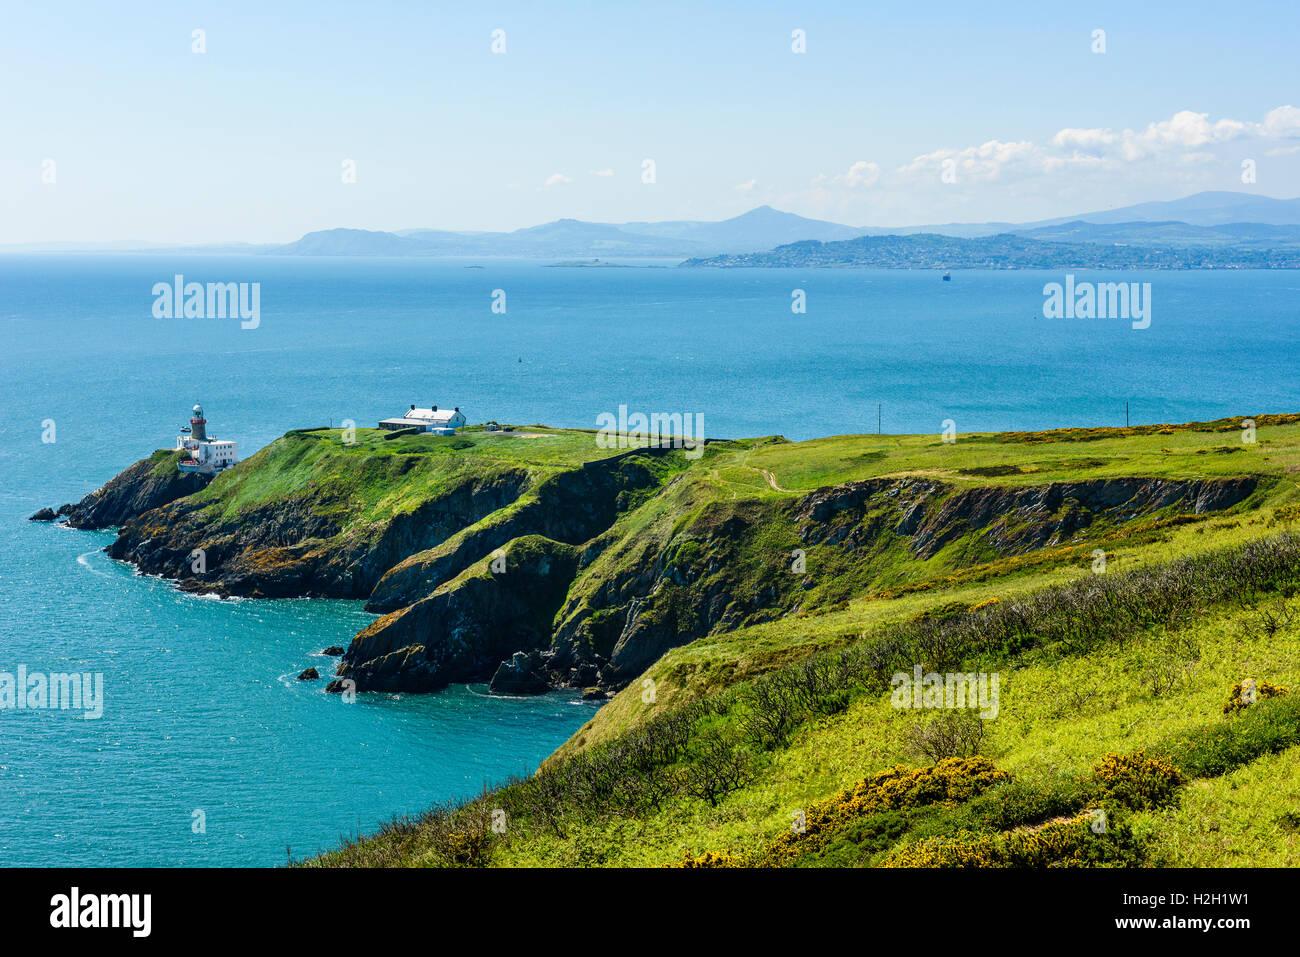 Vista desde Howth cruzando la bahía de Dublín, Irlanda, en el faro de Baily, Dalkey Cabeza y Isla a Wicklow Mountains Foto de stock